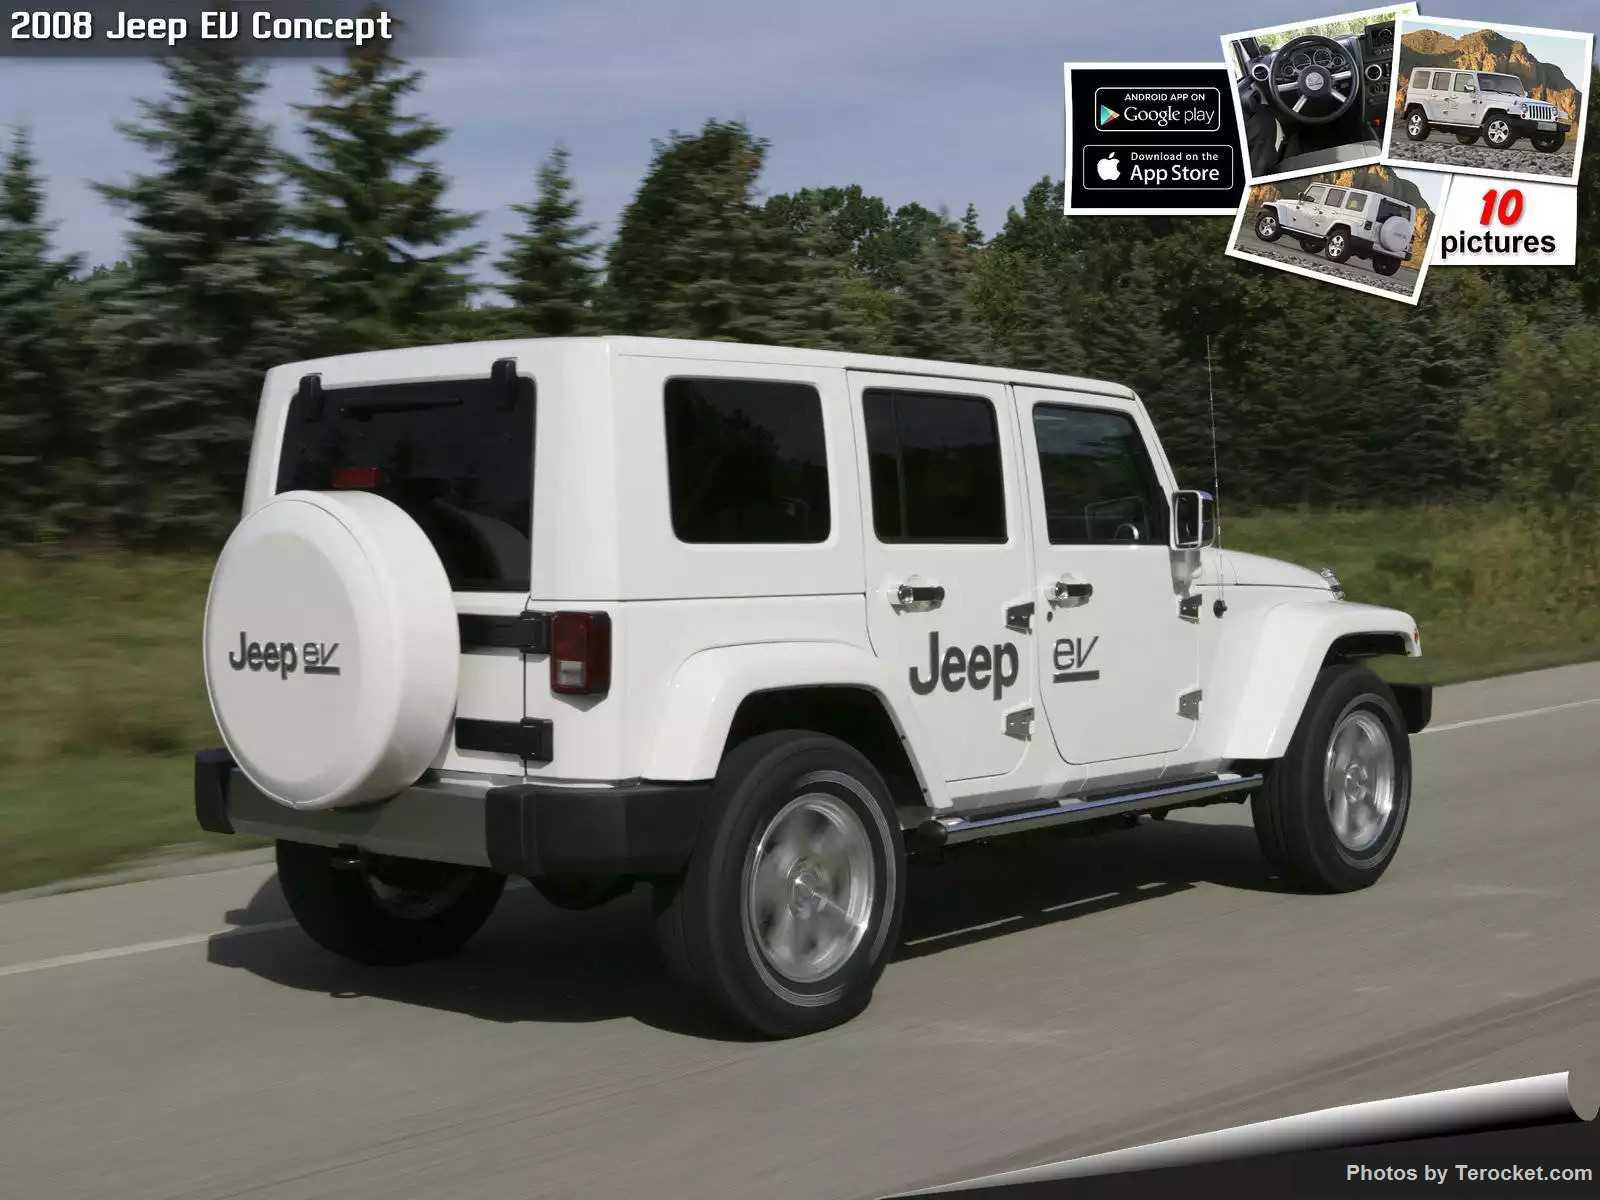 Hình ảnh xe ô tô Jeep EV Concept 2008 & nội ngoại thất